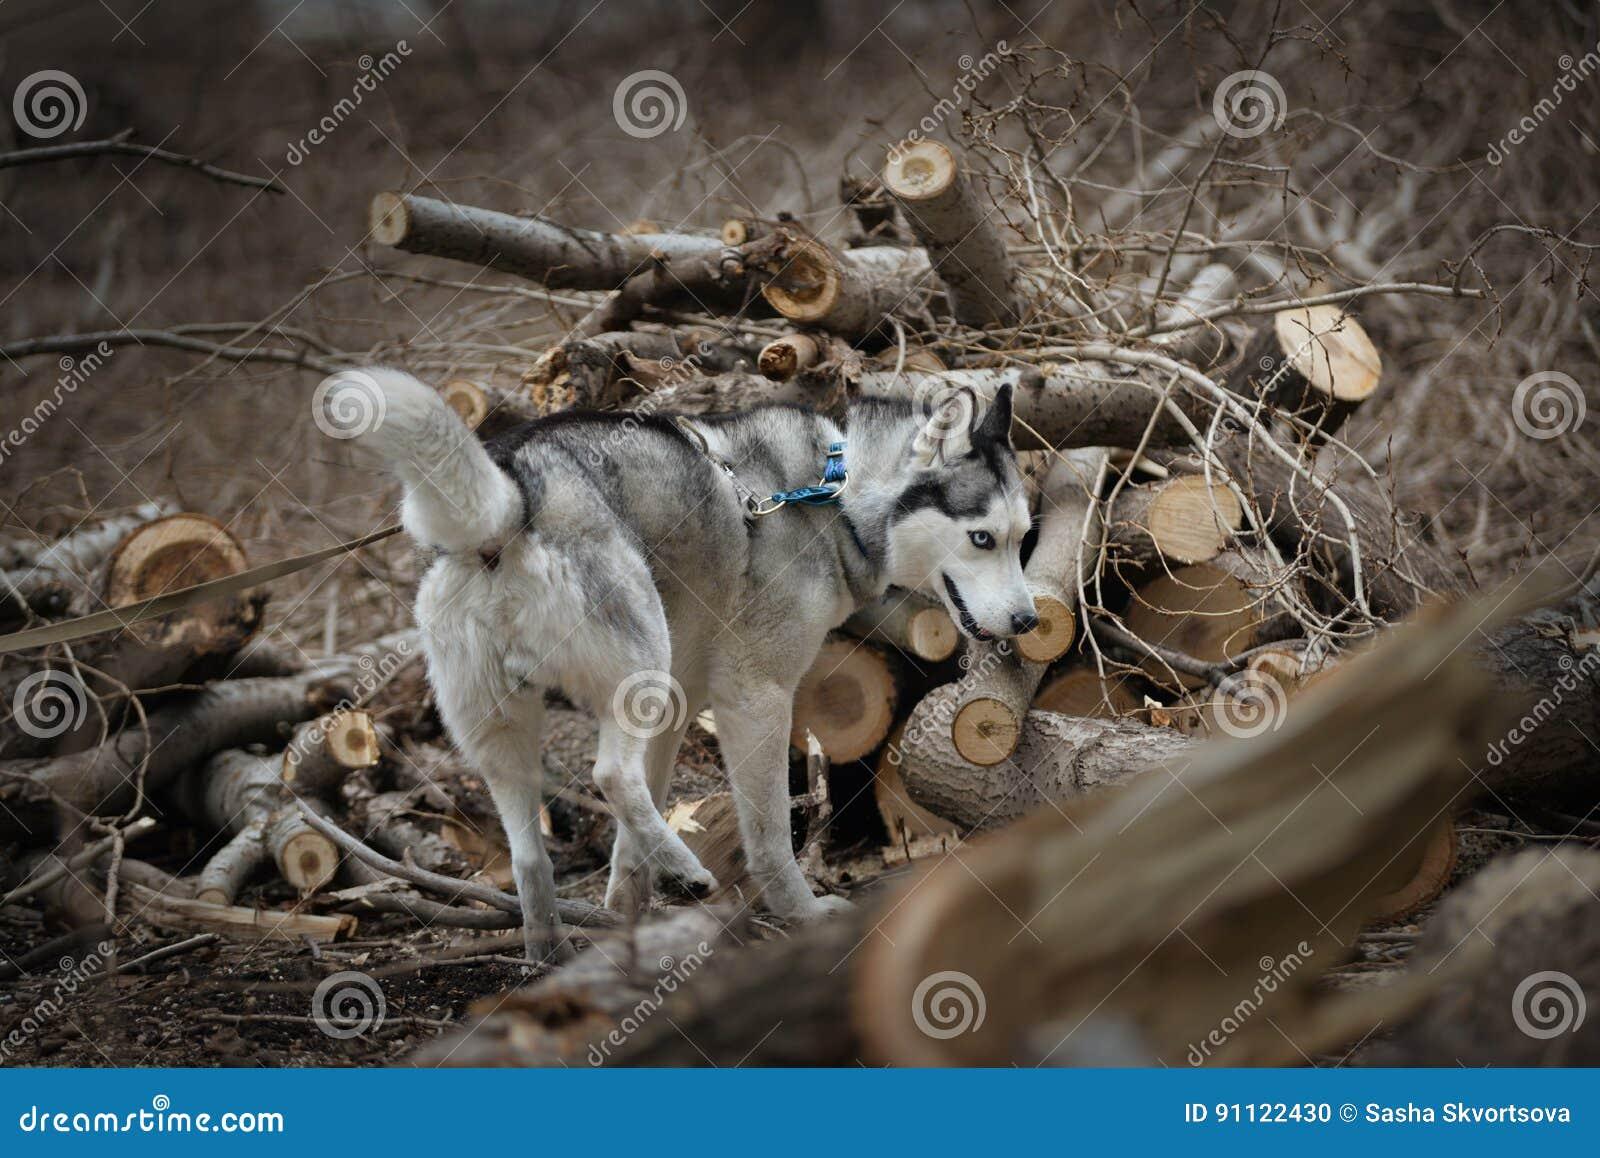 Vers enroués parmi les arbres sciés